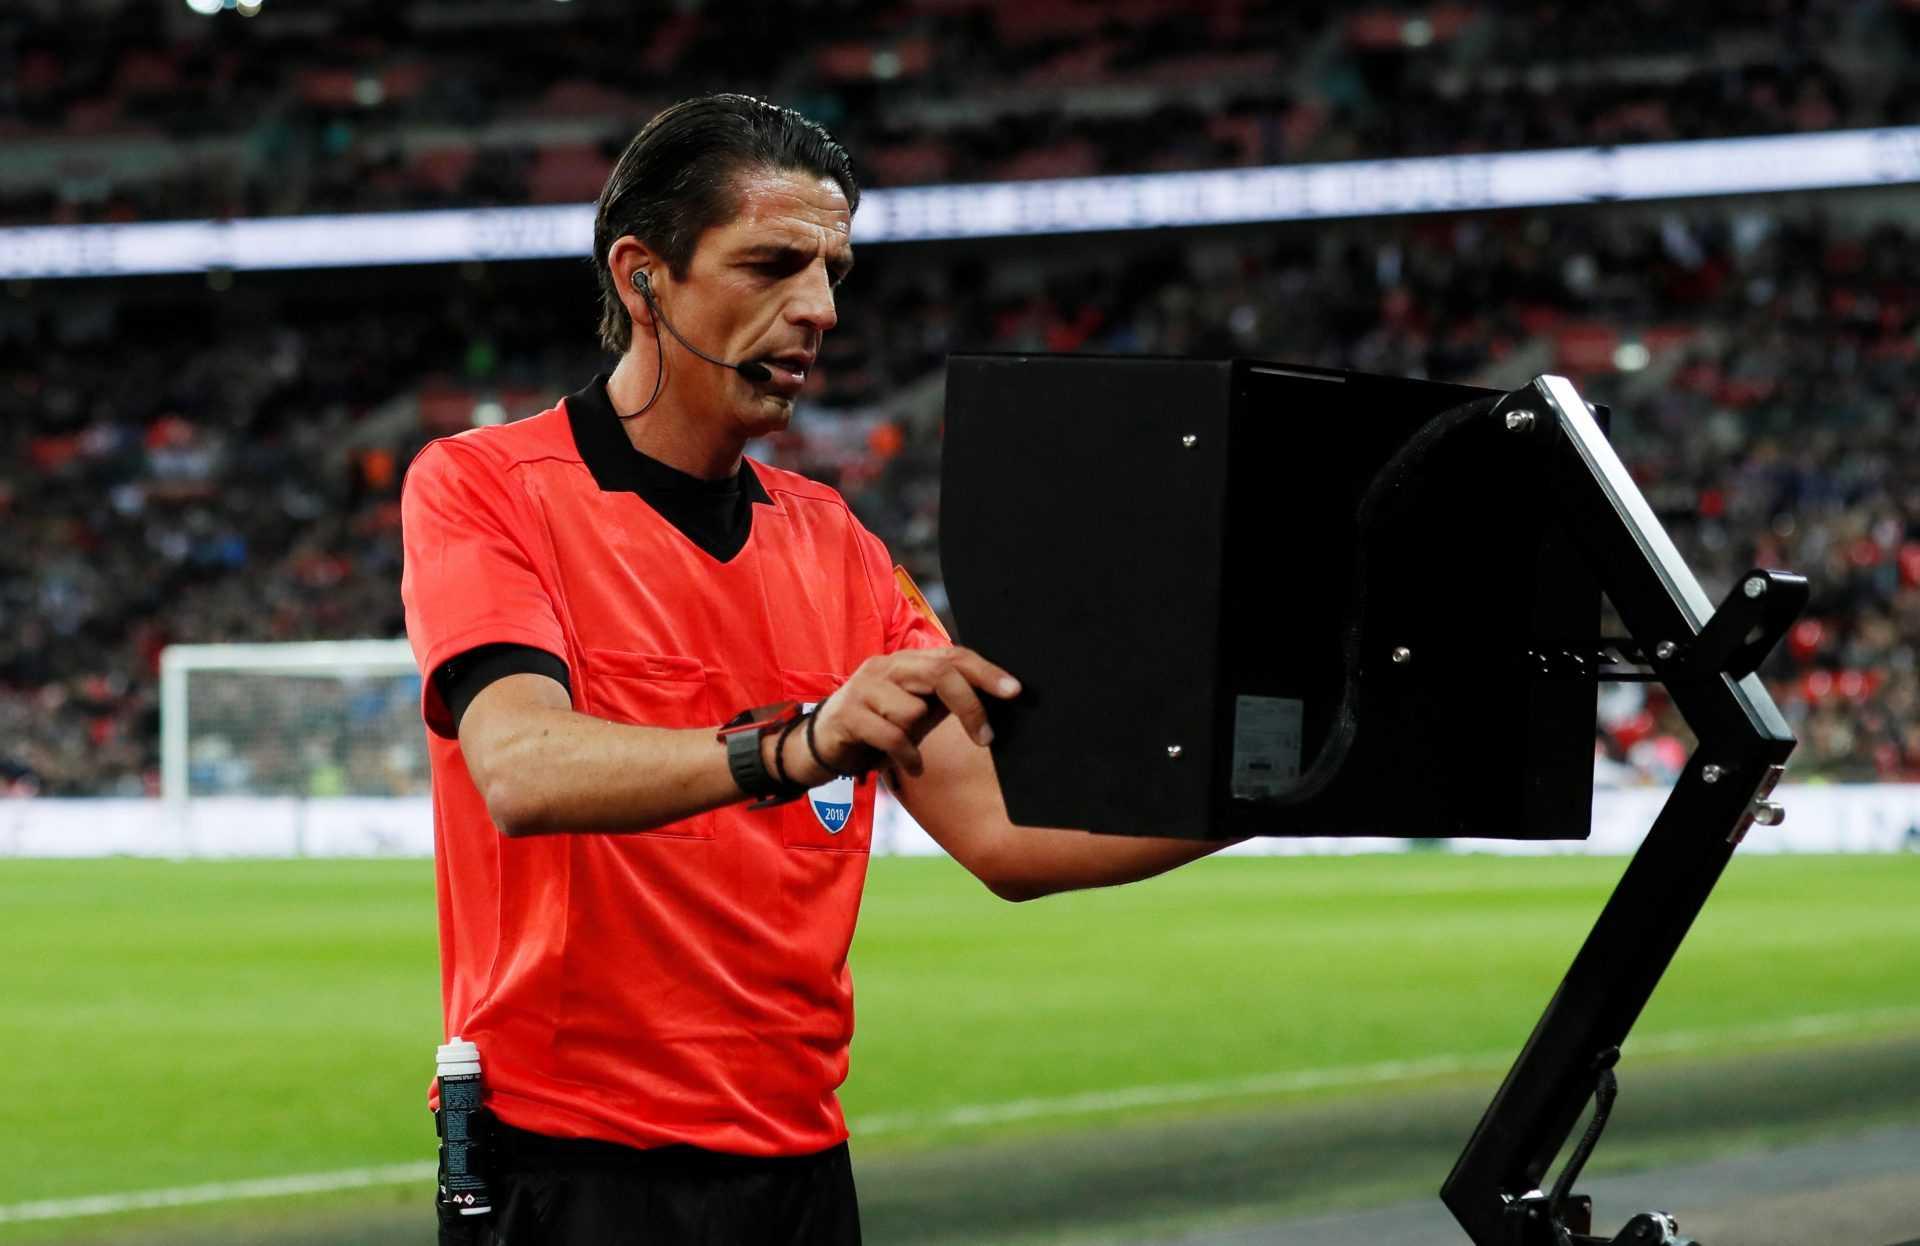 Il ruolo dell'arbitro: parla Robert Madley